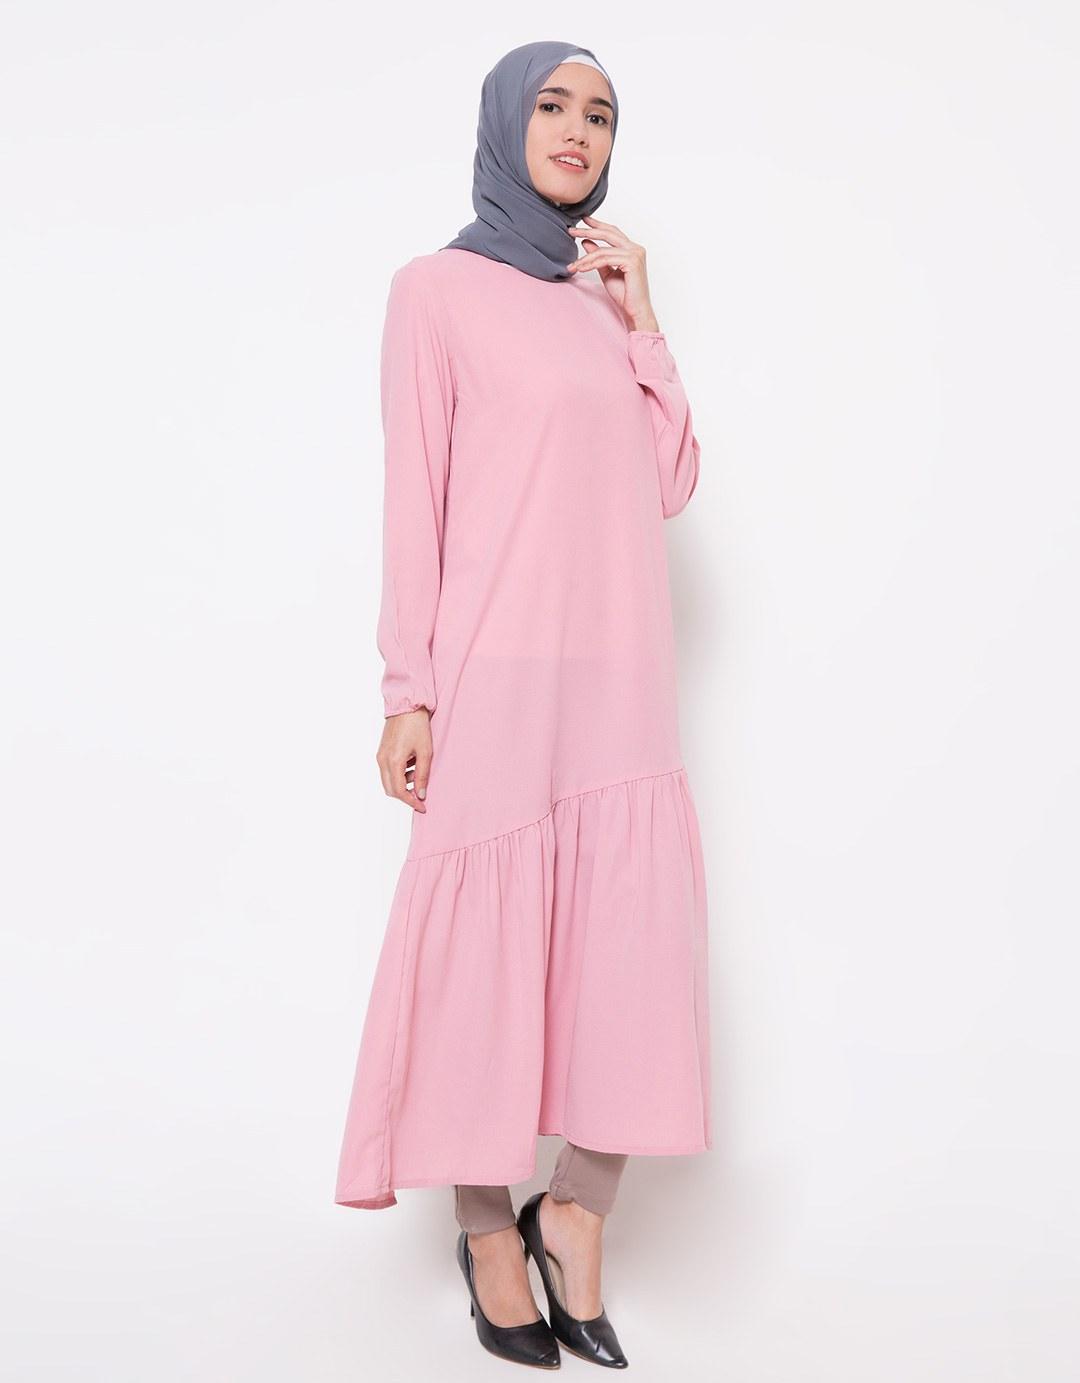 Ide Baju Lebaran Perempuan E6d5 Beli Baju Lebaran Harga Murah Hanya Di Mataharimall